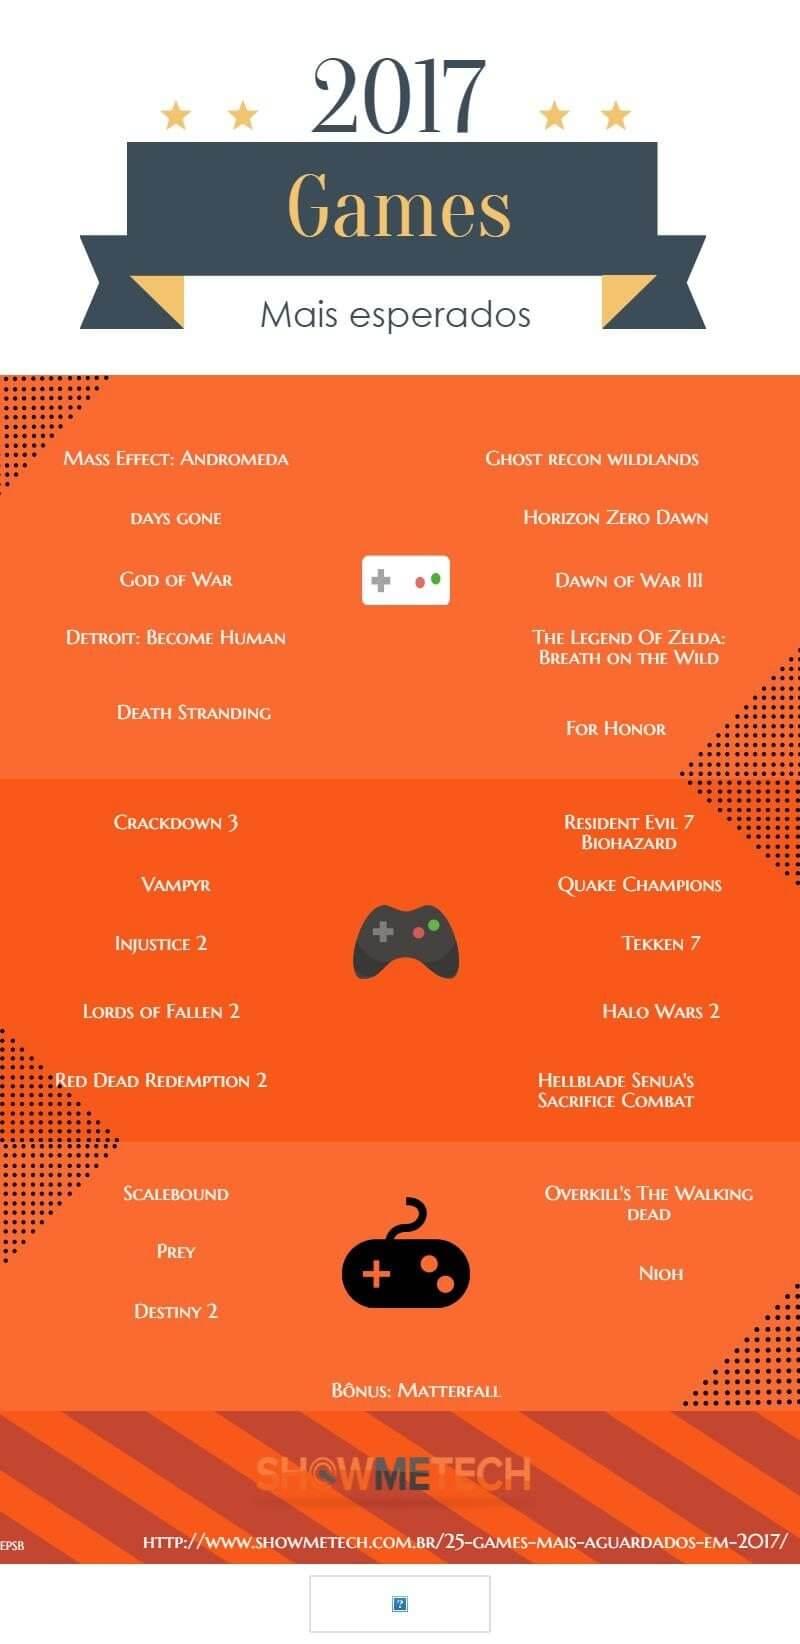 25-games-mais-esperados-de-2017-jpg